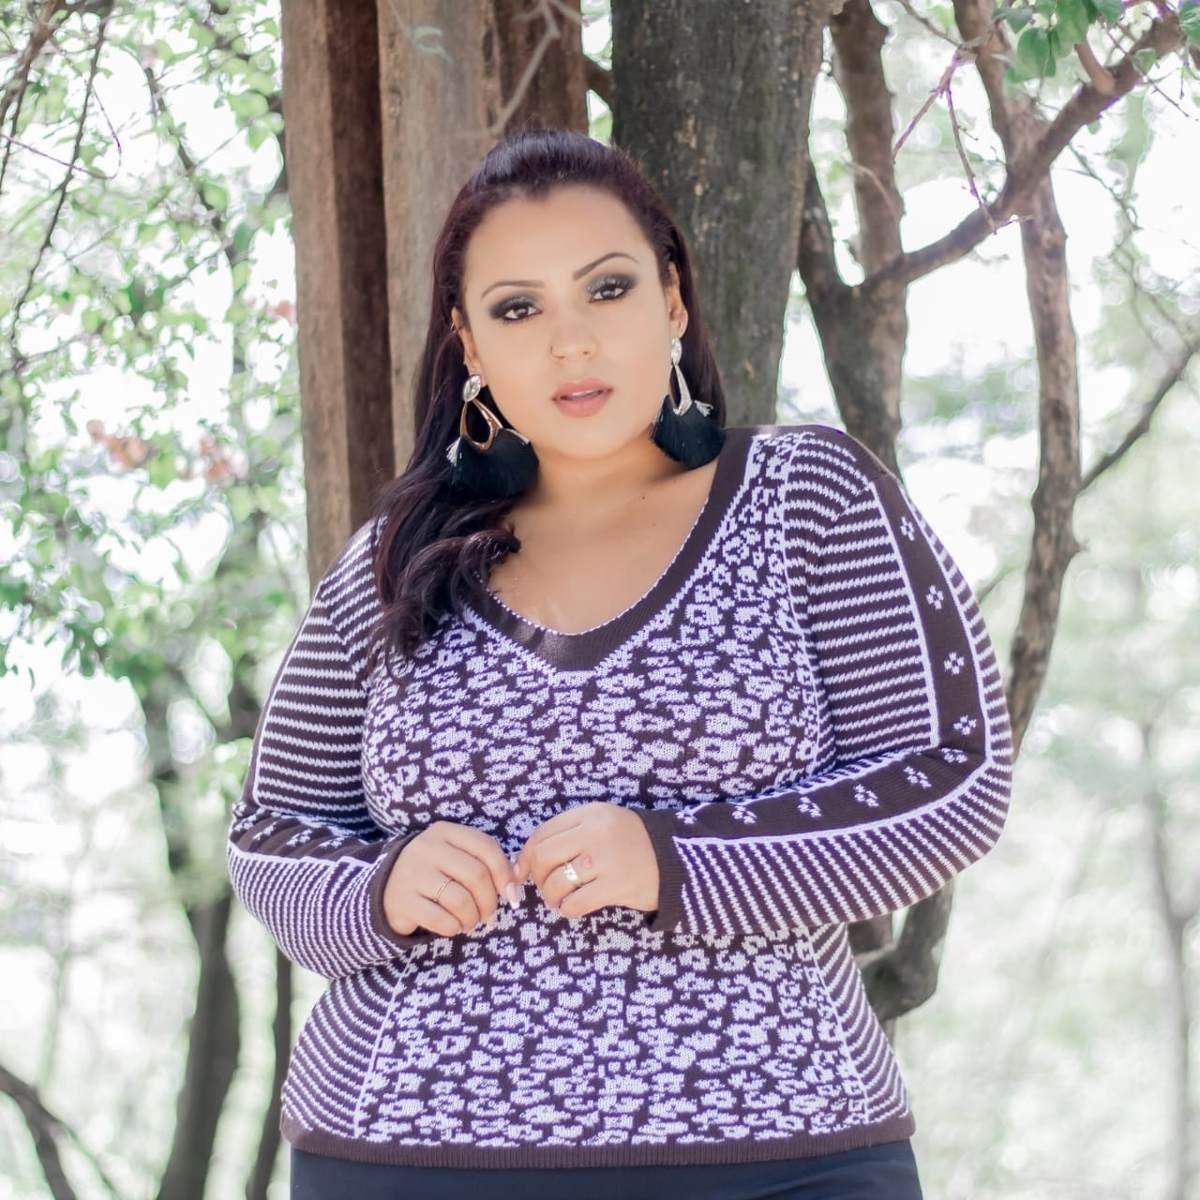 482b6dbe0030 Kit 2 Blusa De Lã Feminina Plus Size - R$ 77,00 em Mercado Livre